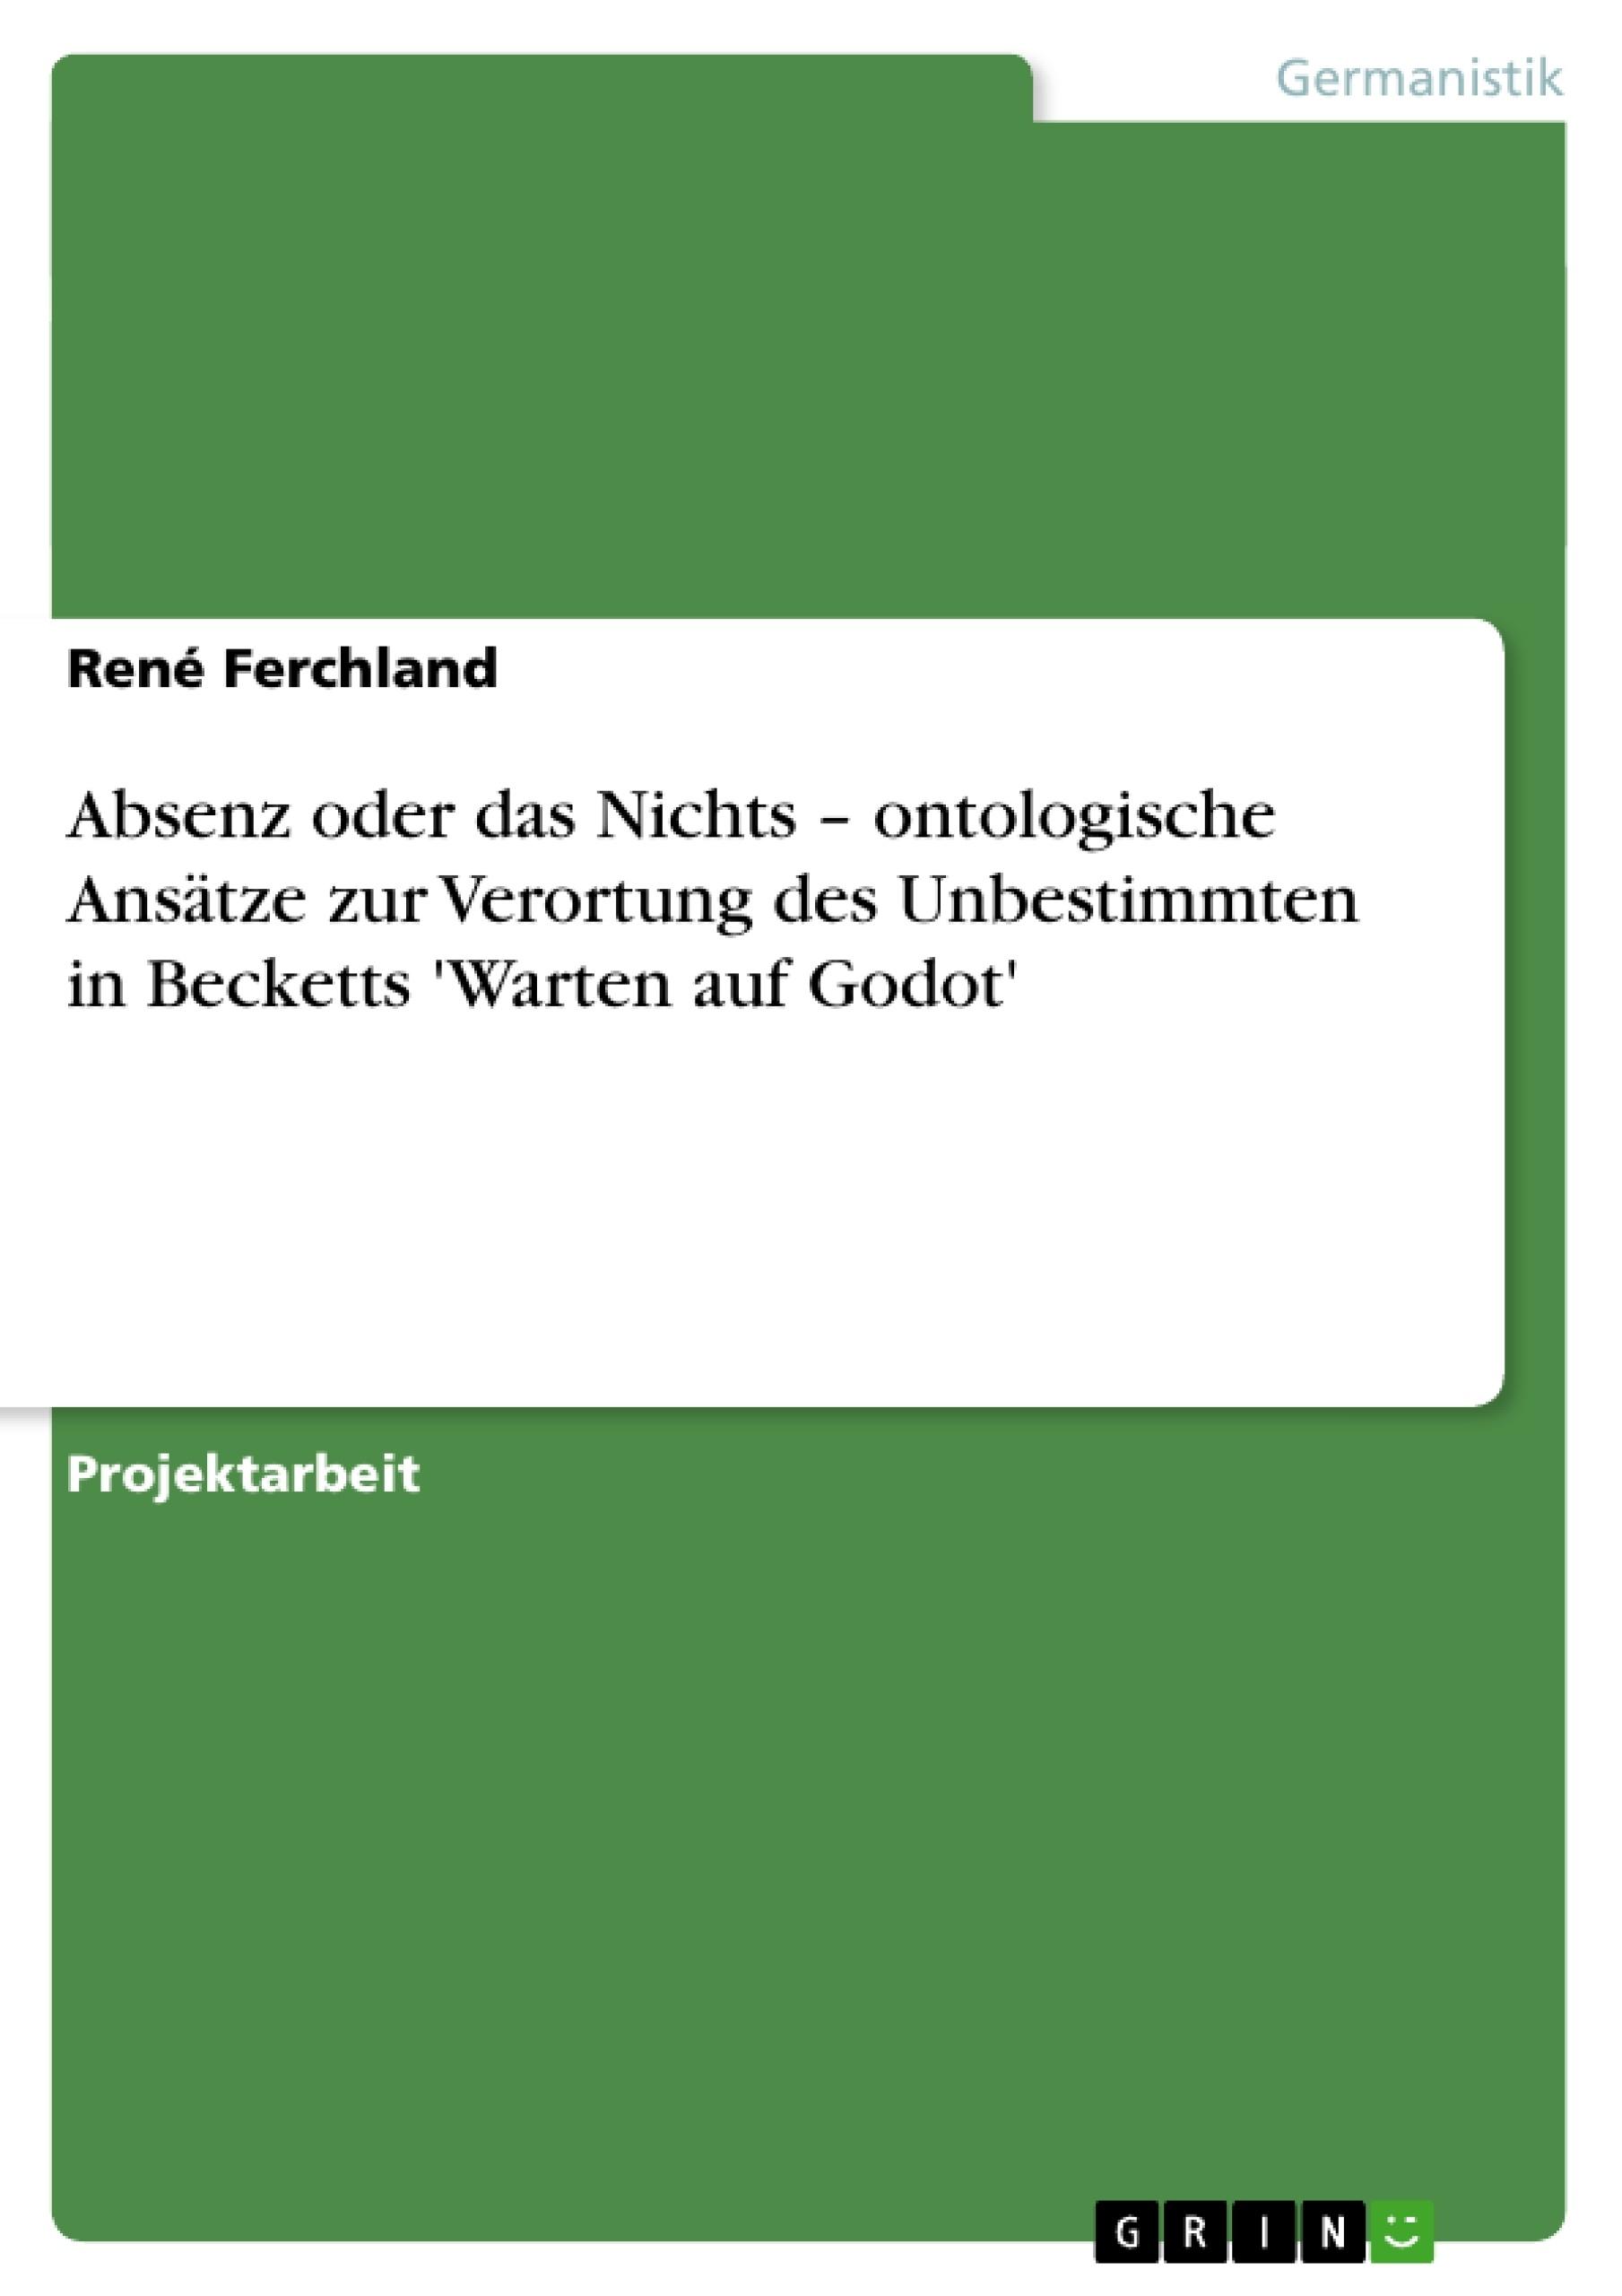 Titel: Absenz oder das Nichts – ontologische Ansätze zur Verortung des Unbestimmten in Becketts 'Warten auf Godot'